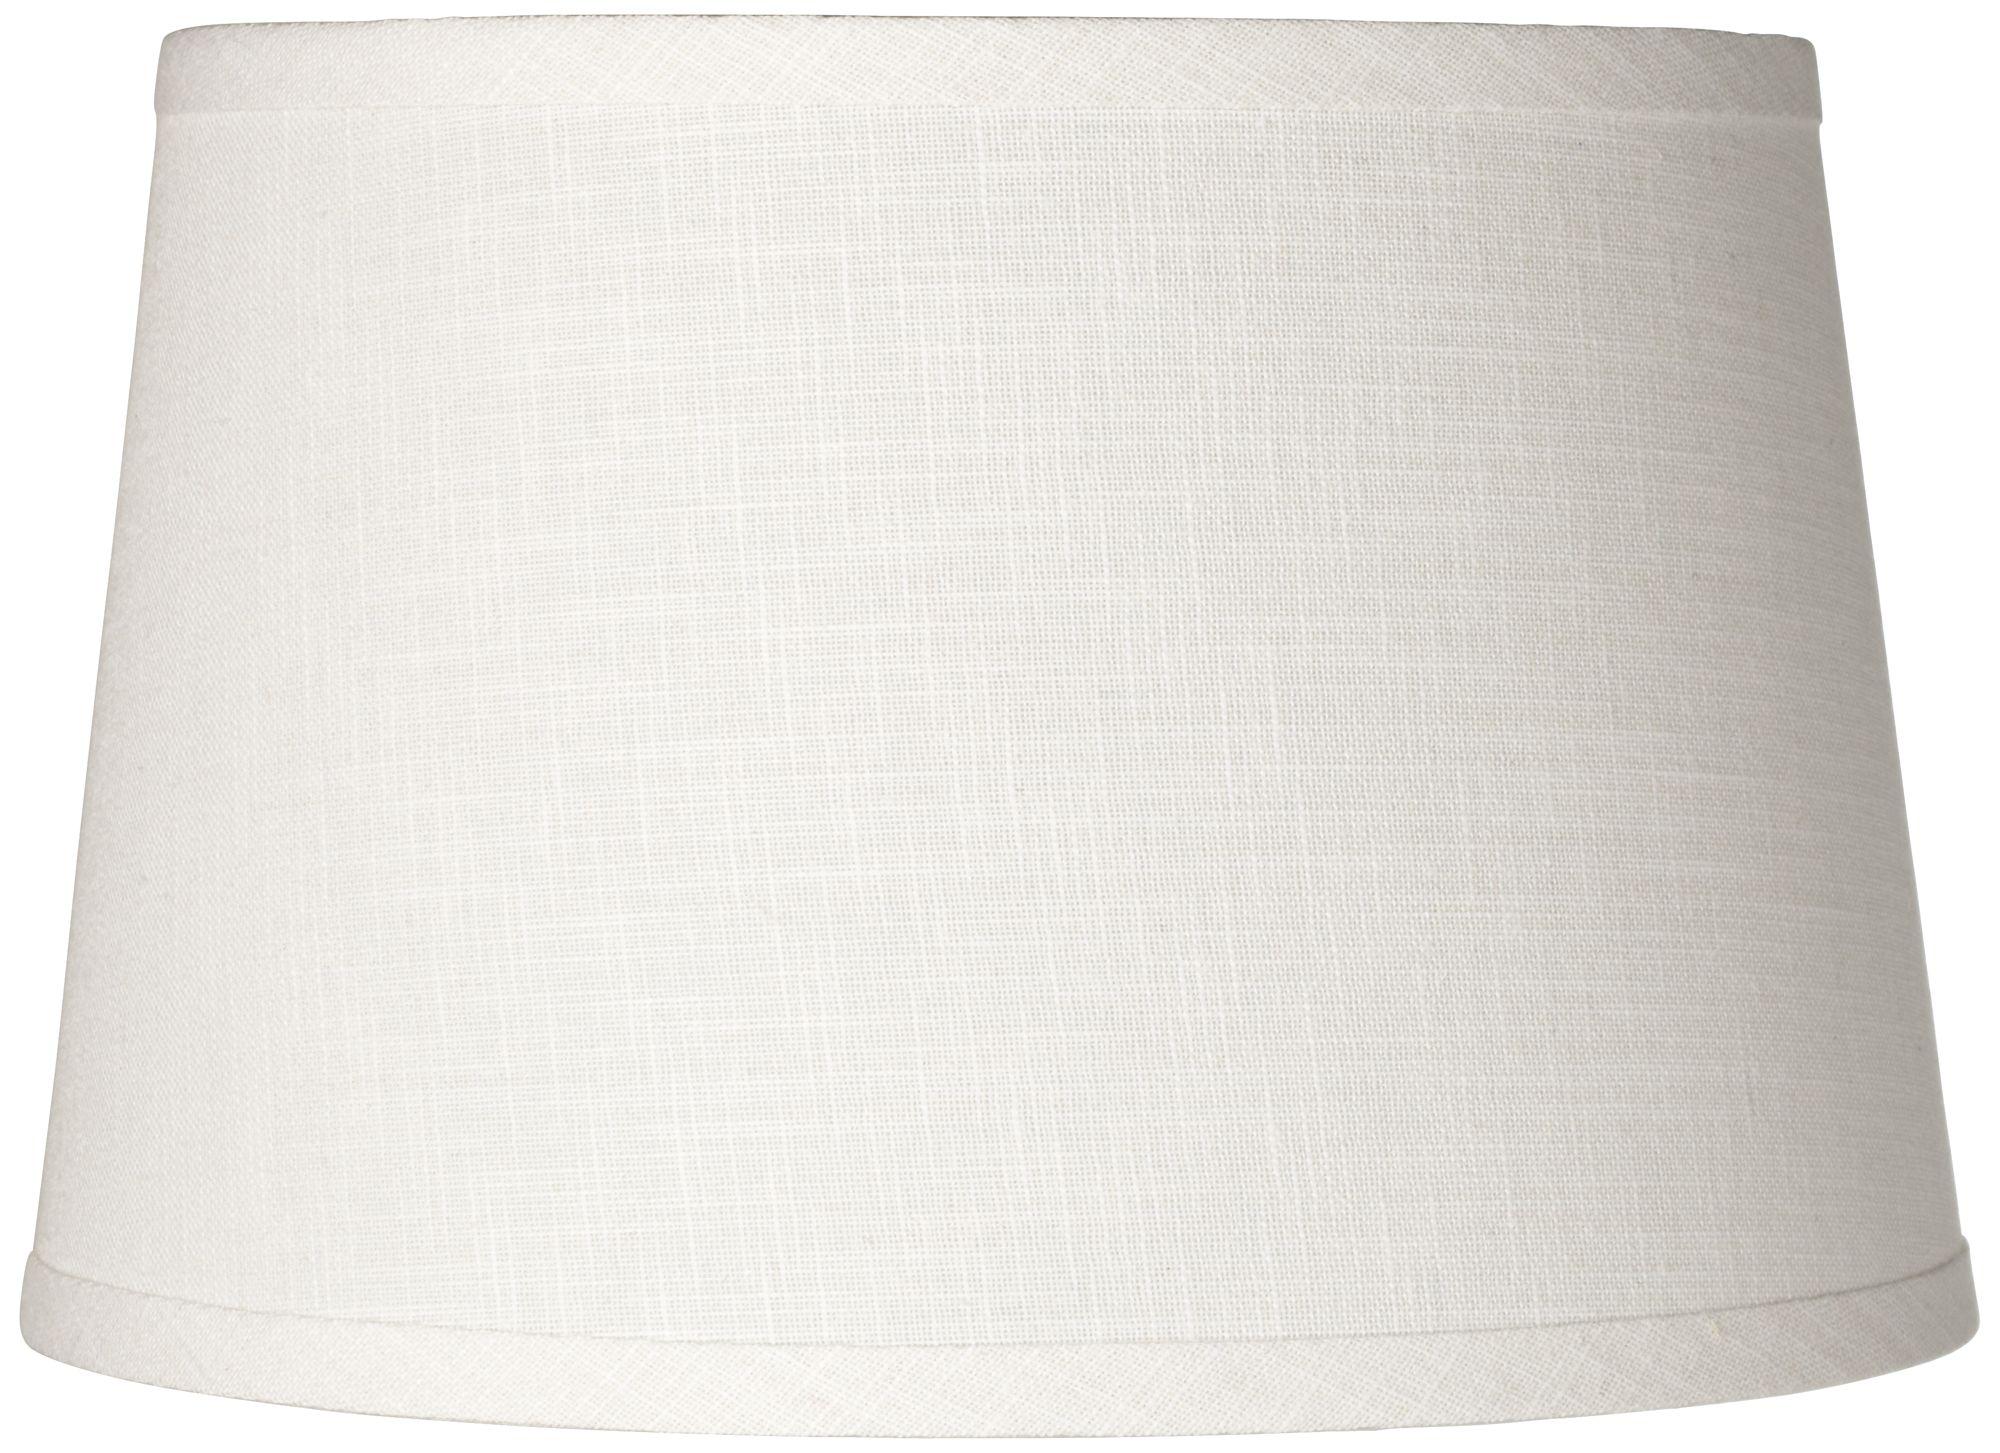 white linen drum lamp shade 10x12x8 spider - Drum Lamp Shades